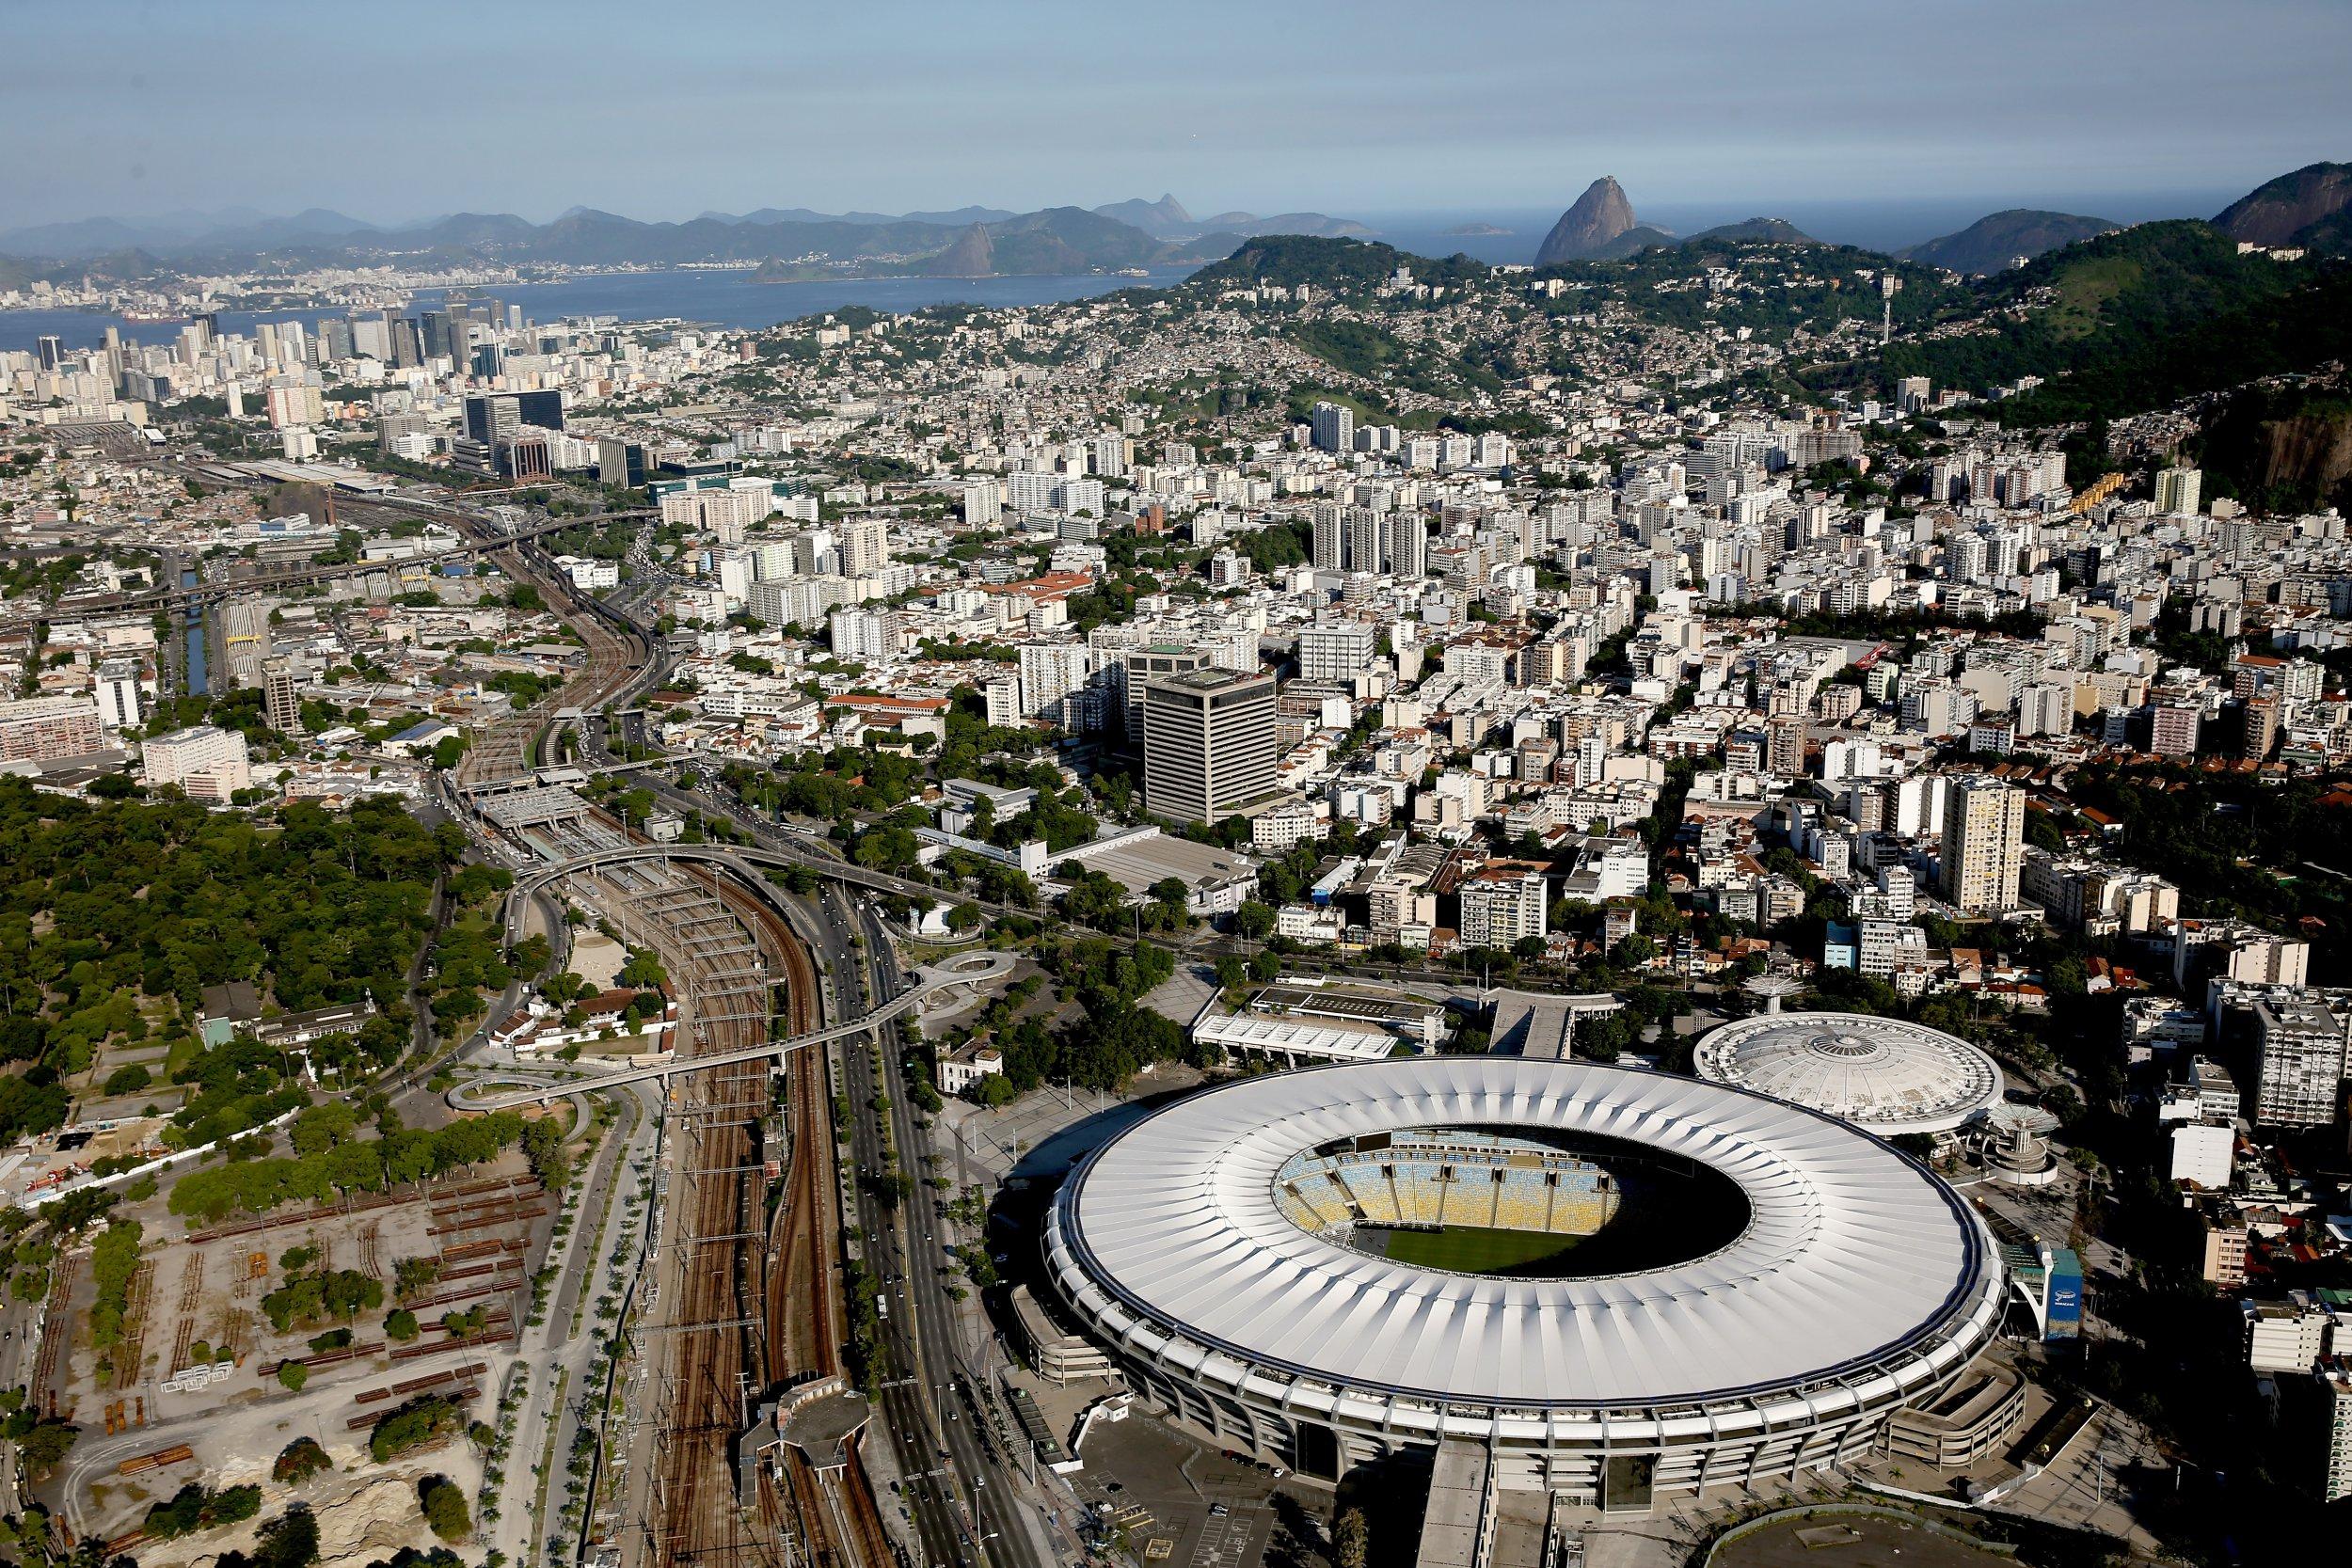 Olympic stadium, Rio de Janeiro